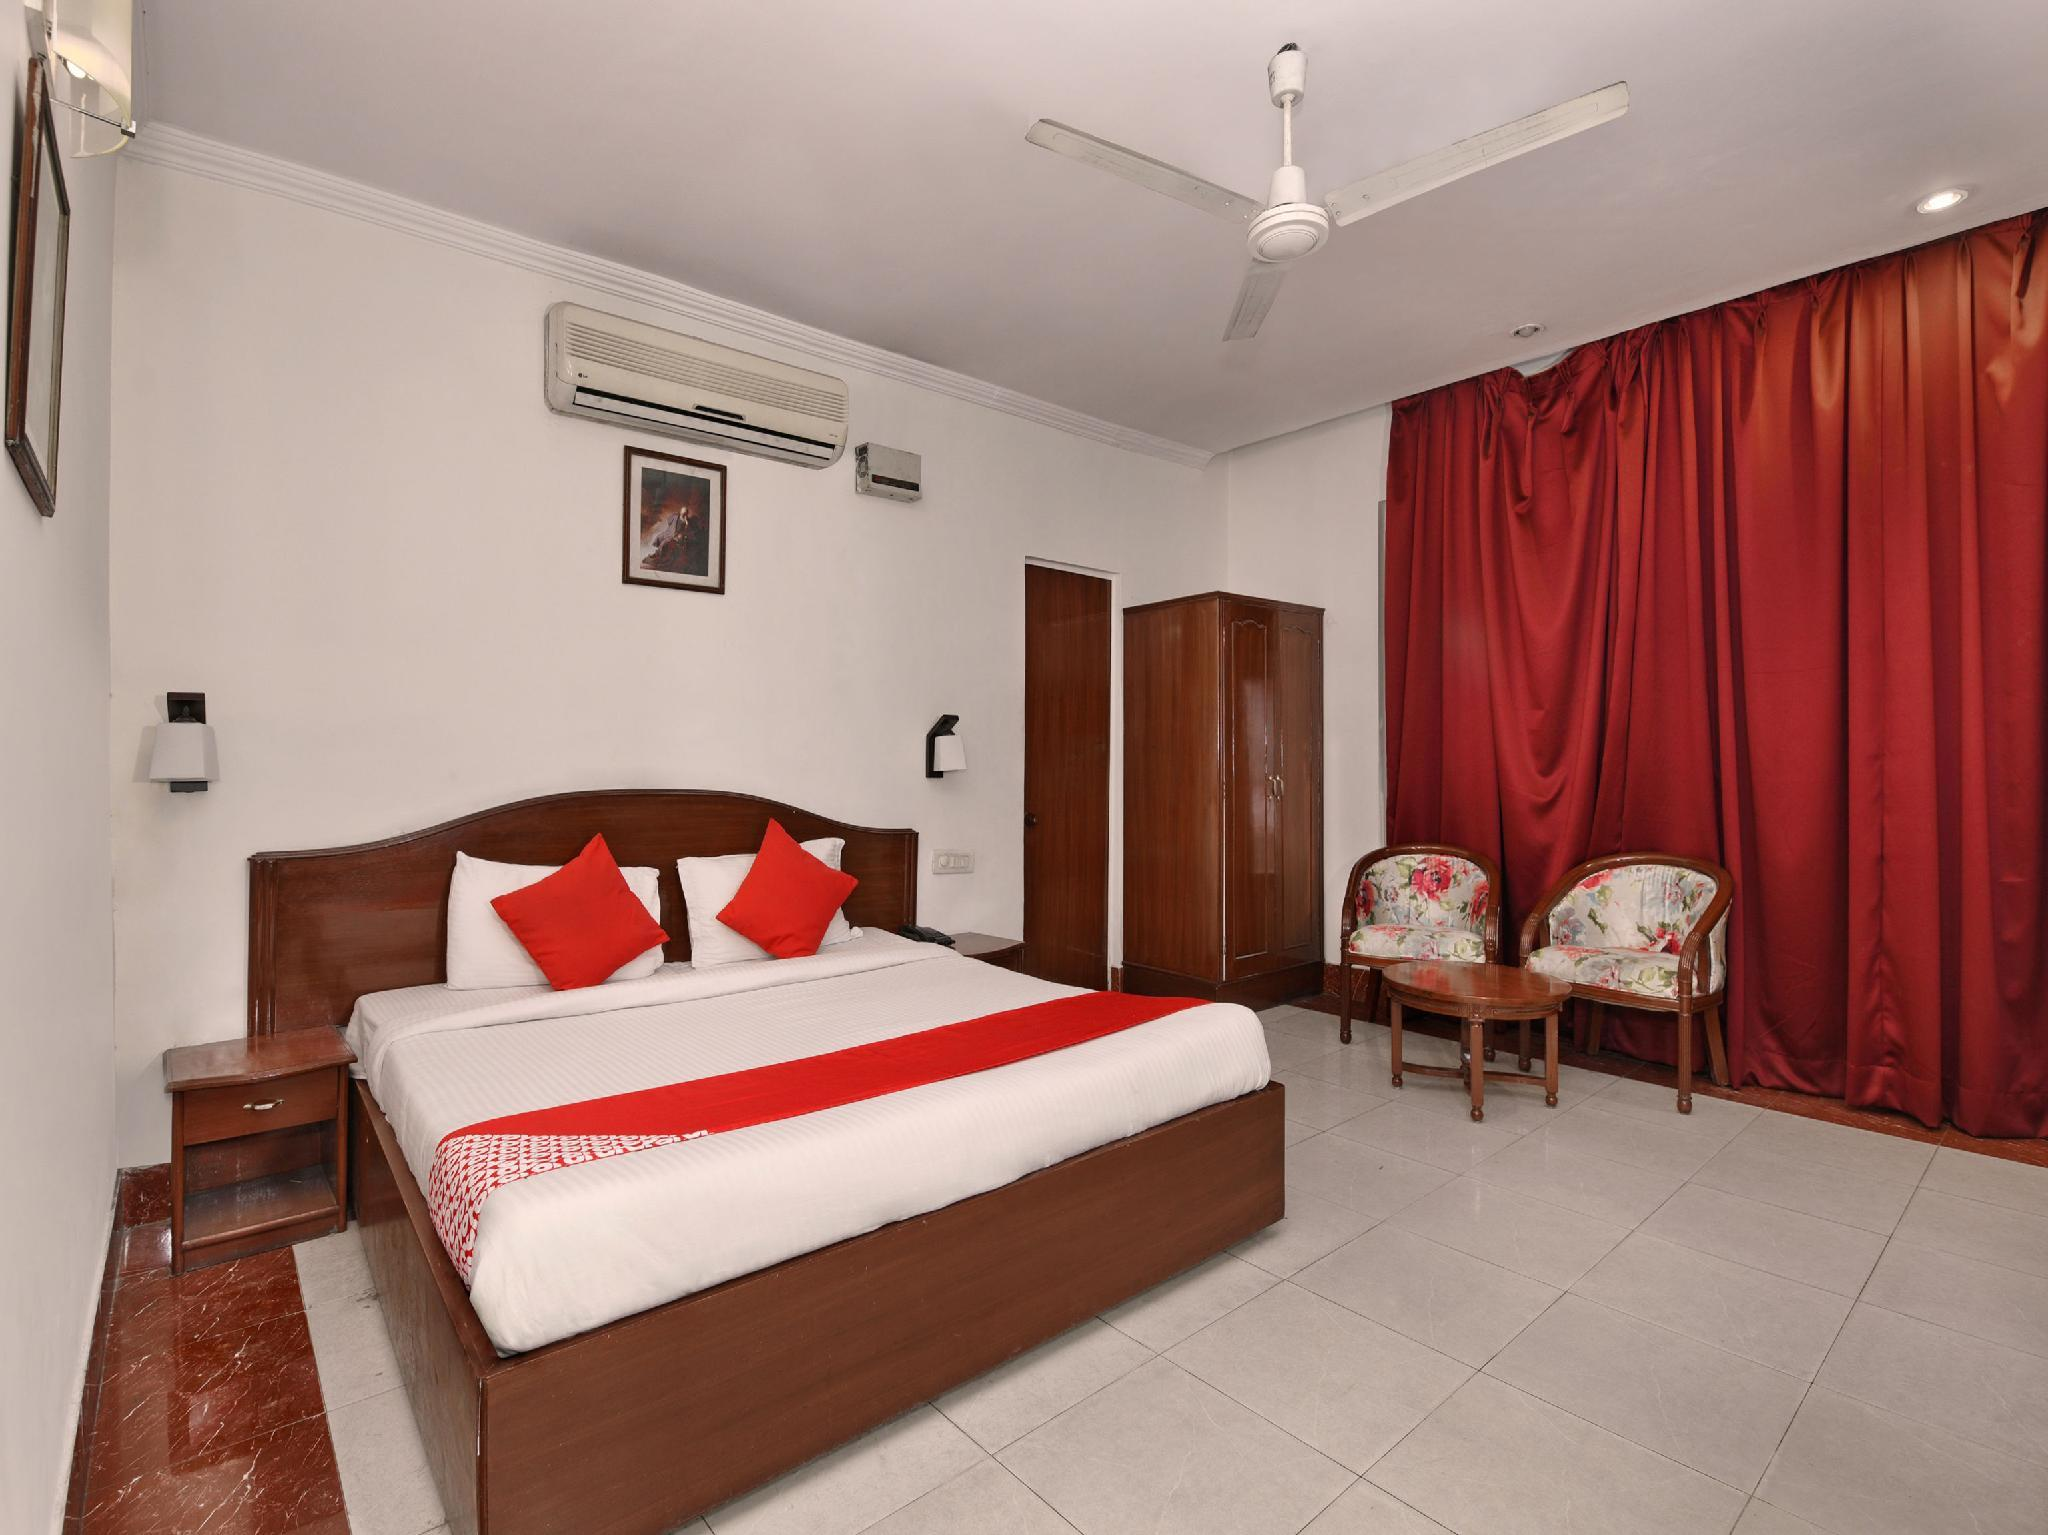 OYO 5232 Kwality Hotel